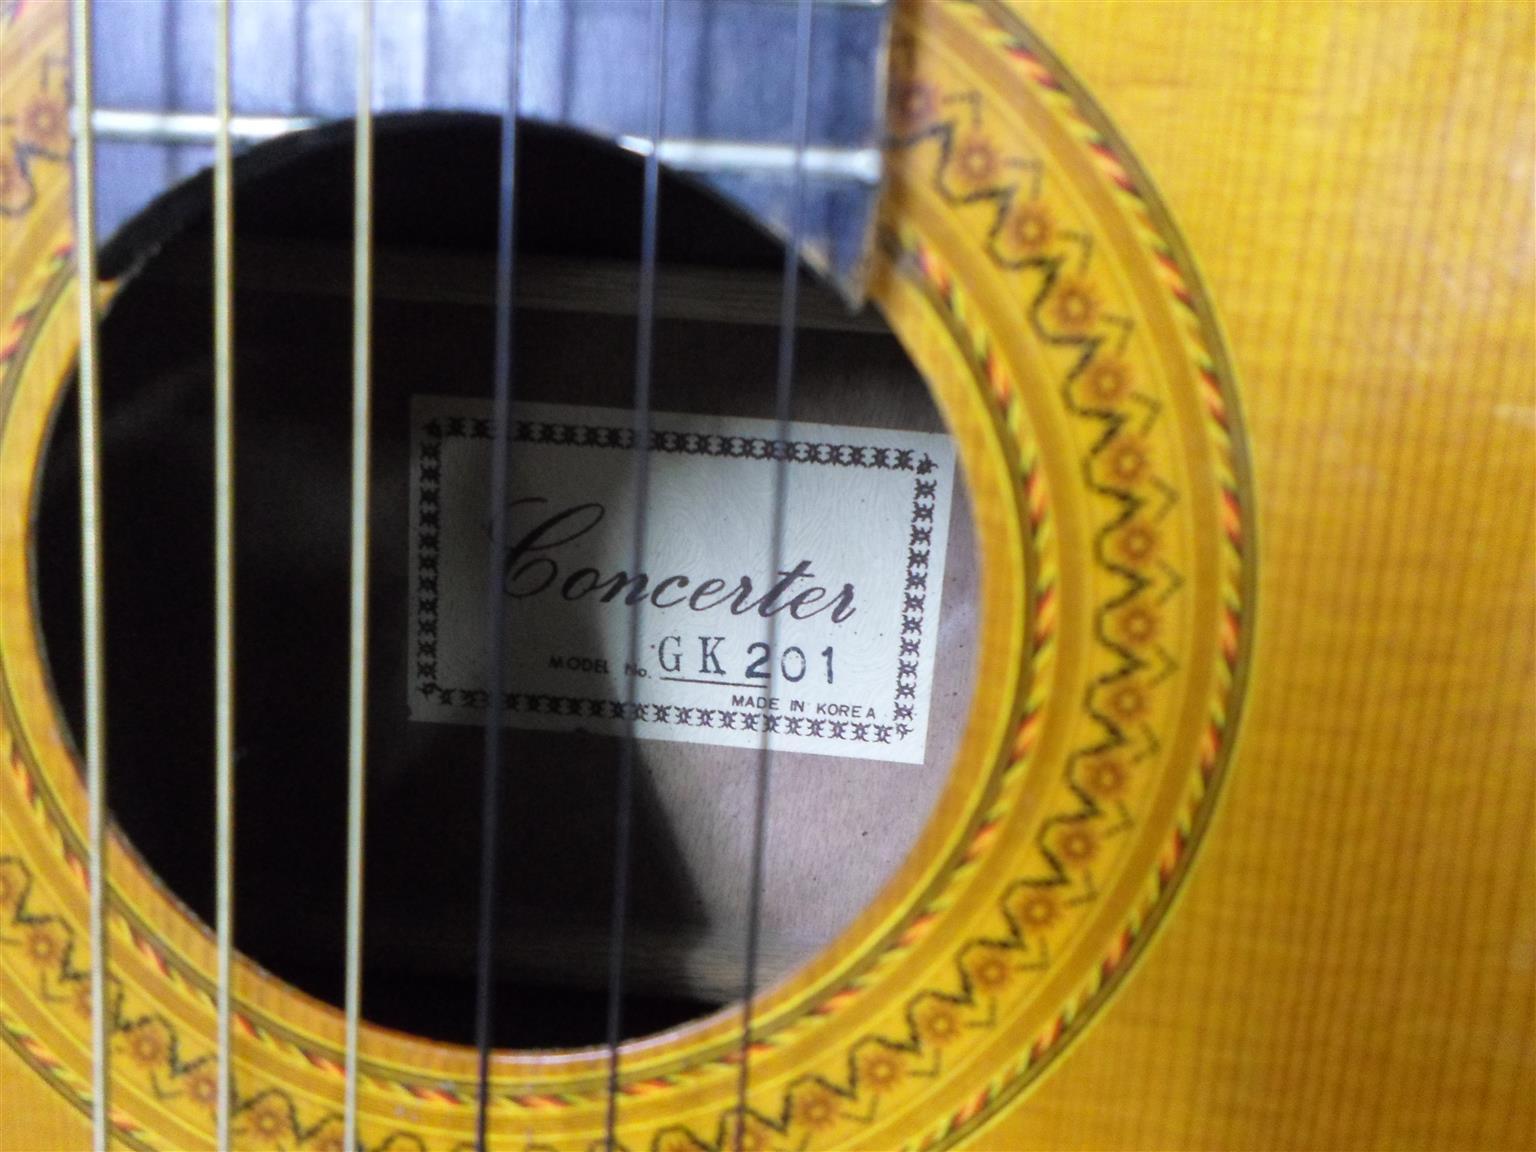 Guitar Concerter GK201